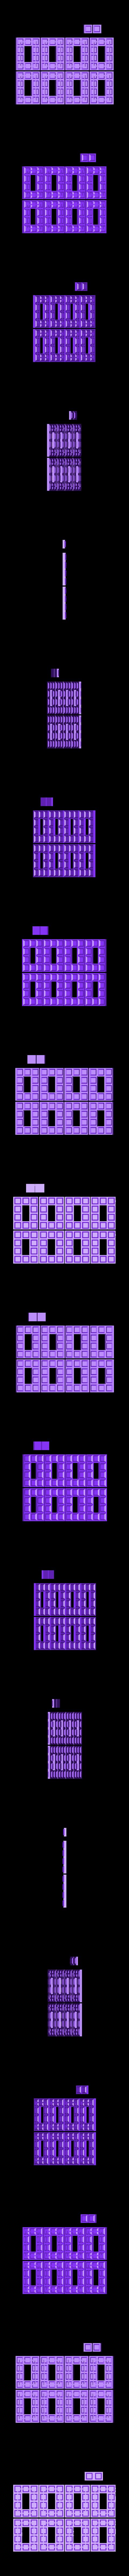 1f47cd36 79a0 414c b84d c593a3f57421